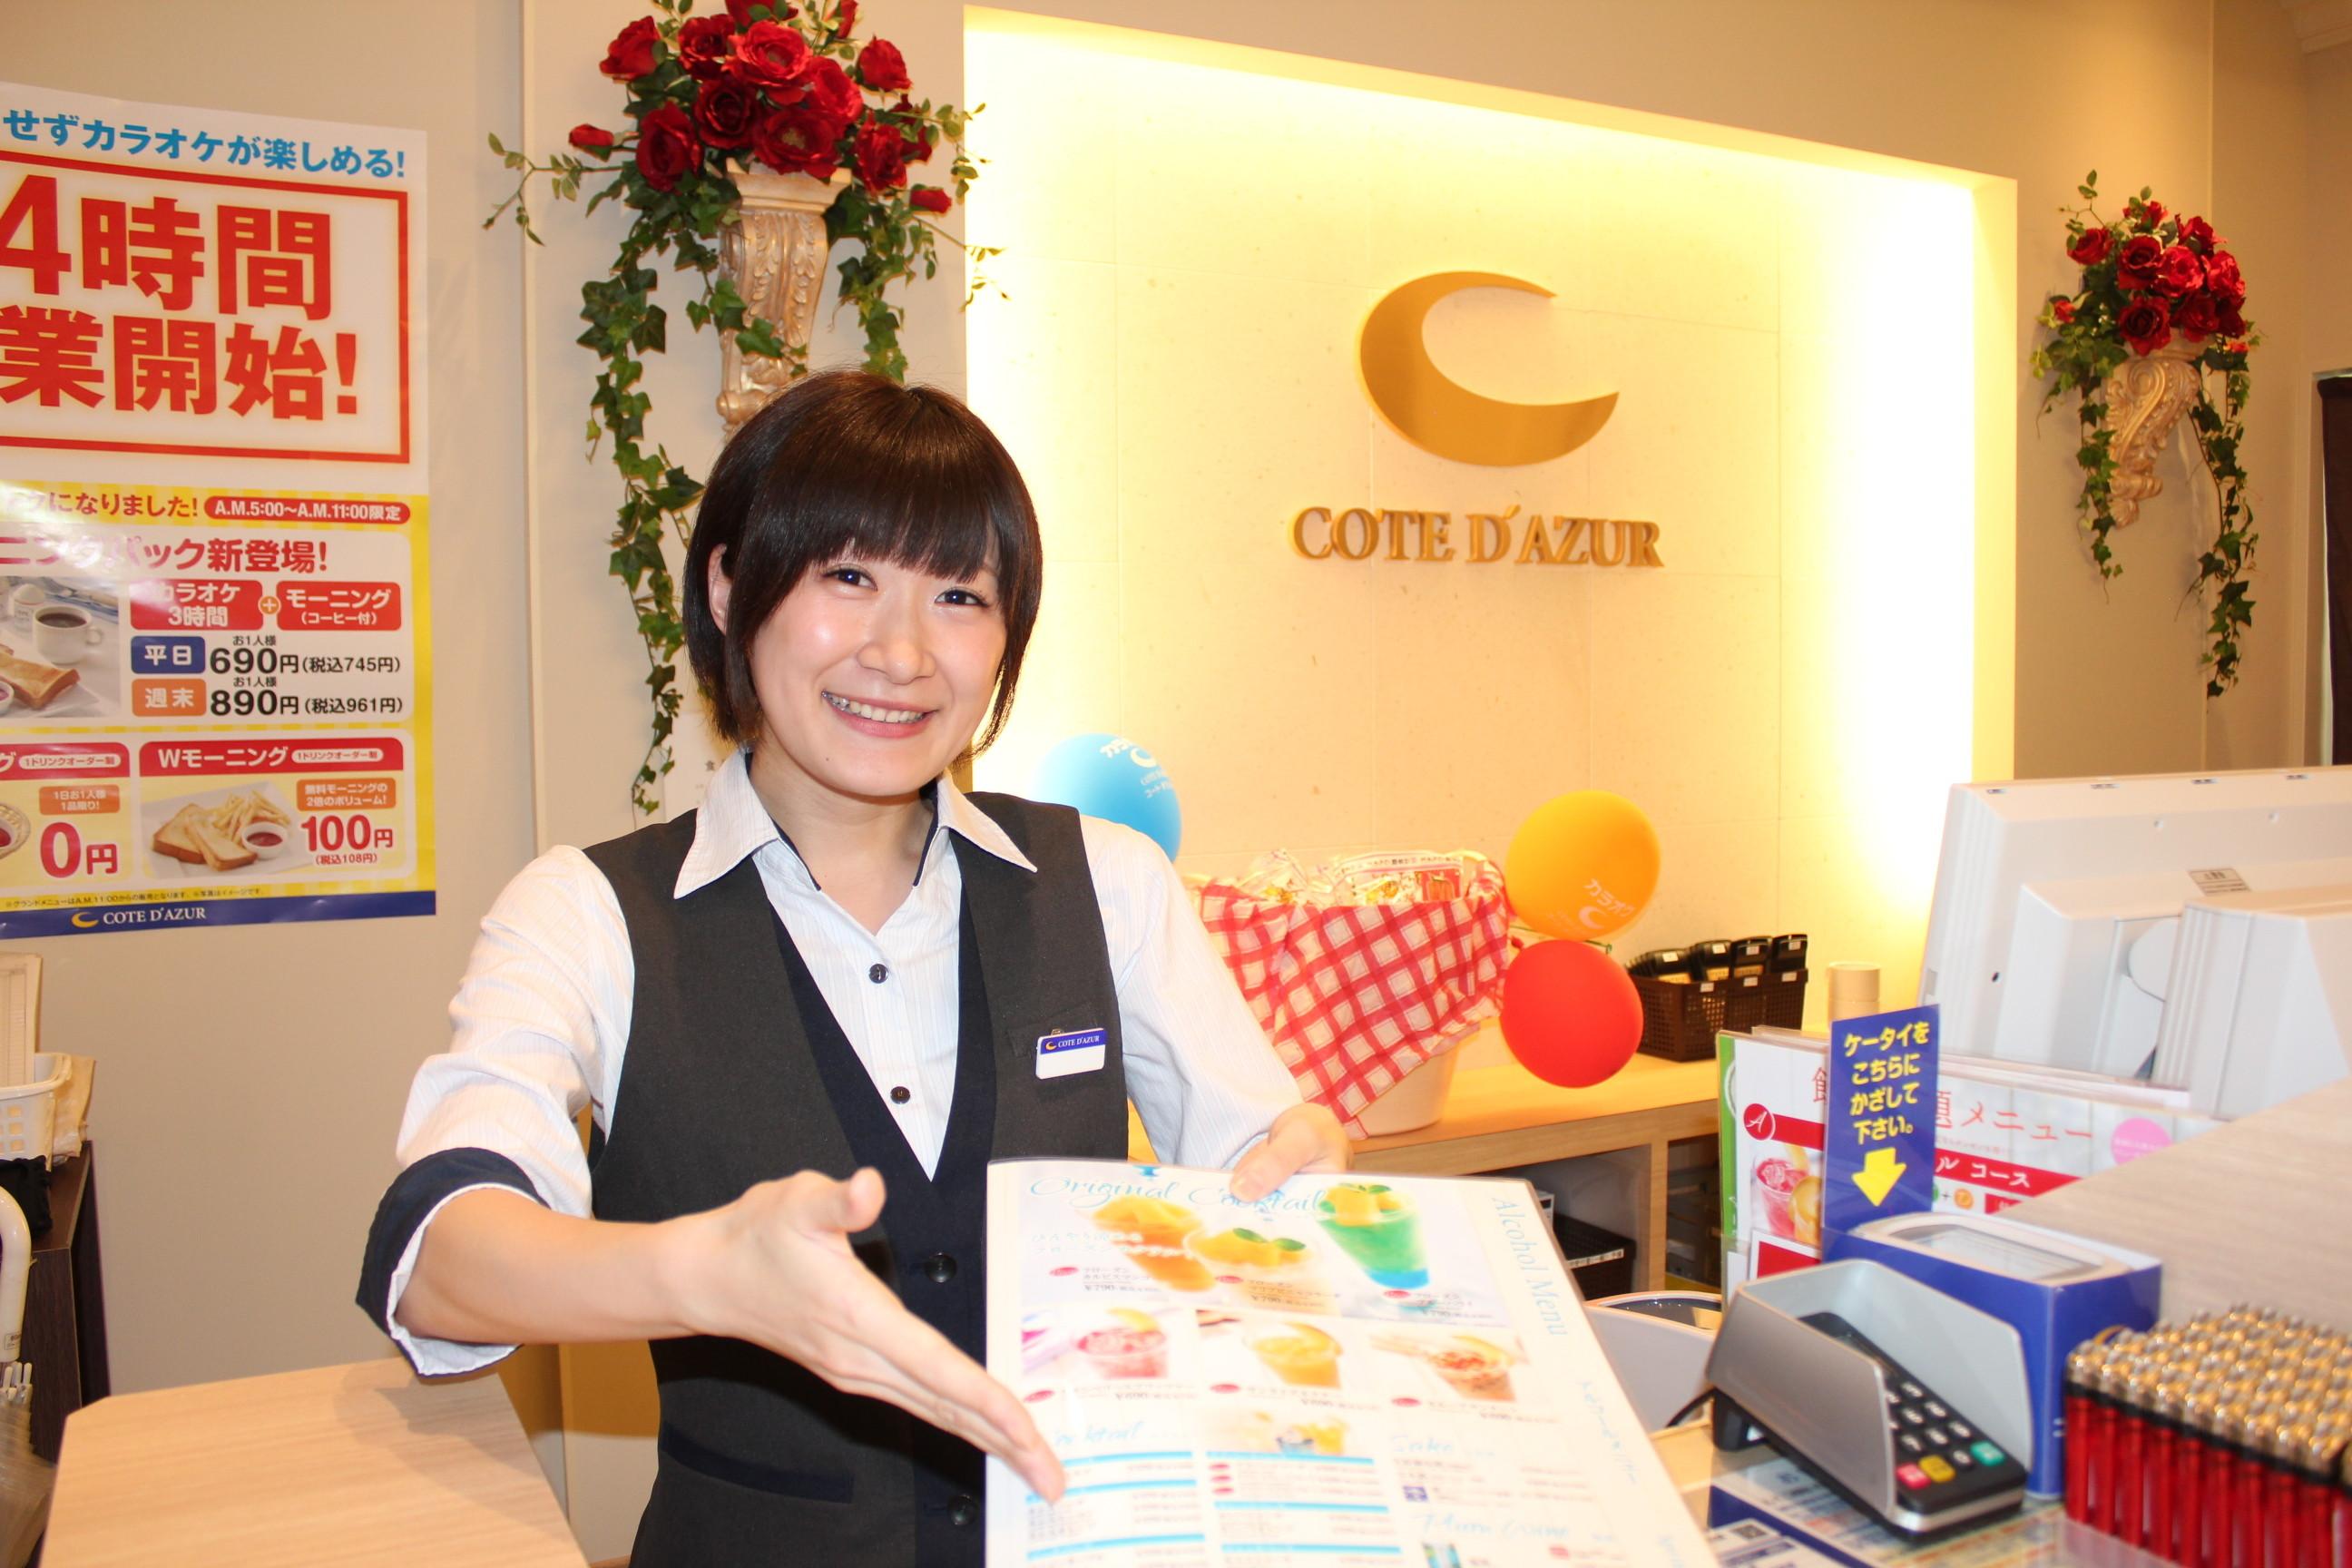 コート・ダジュール 天王寺アポロ店 のアルバイト情報